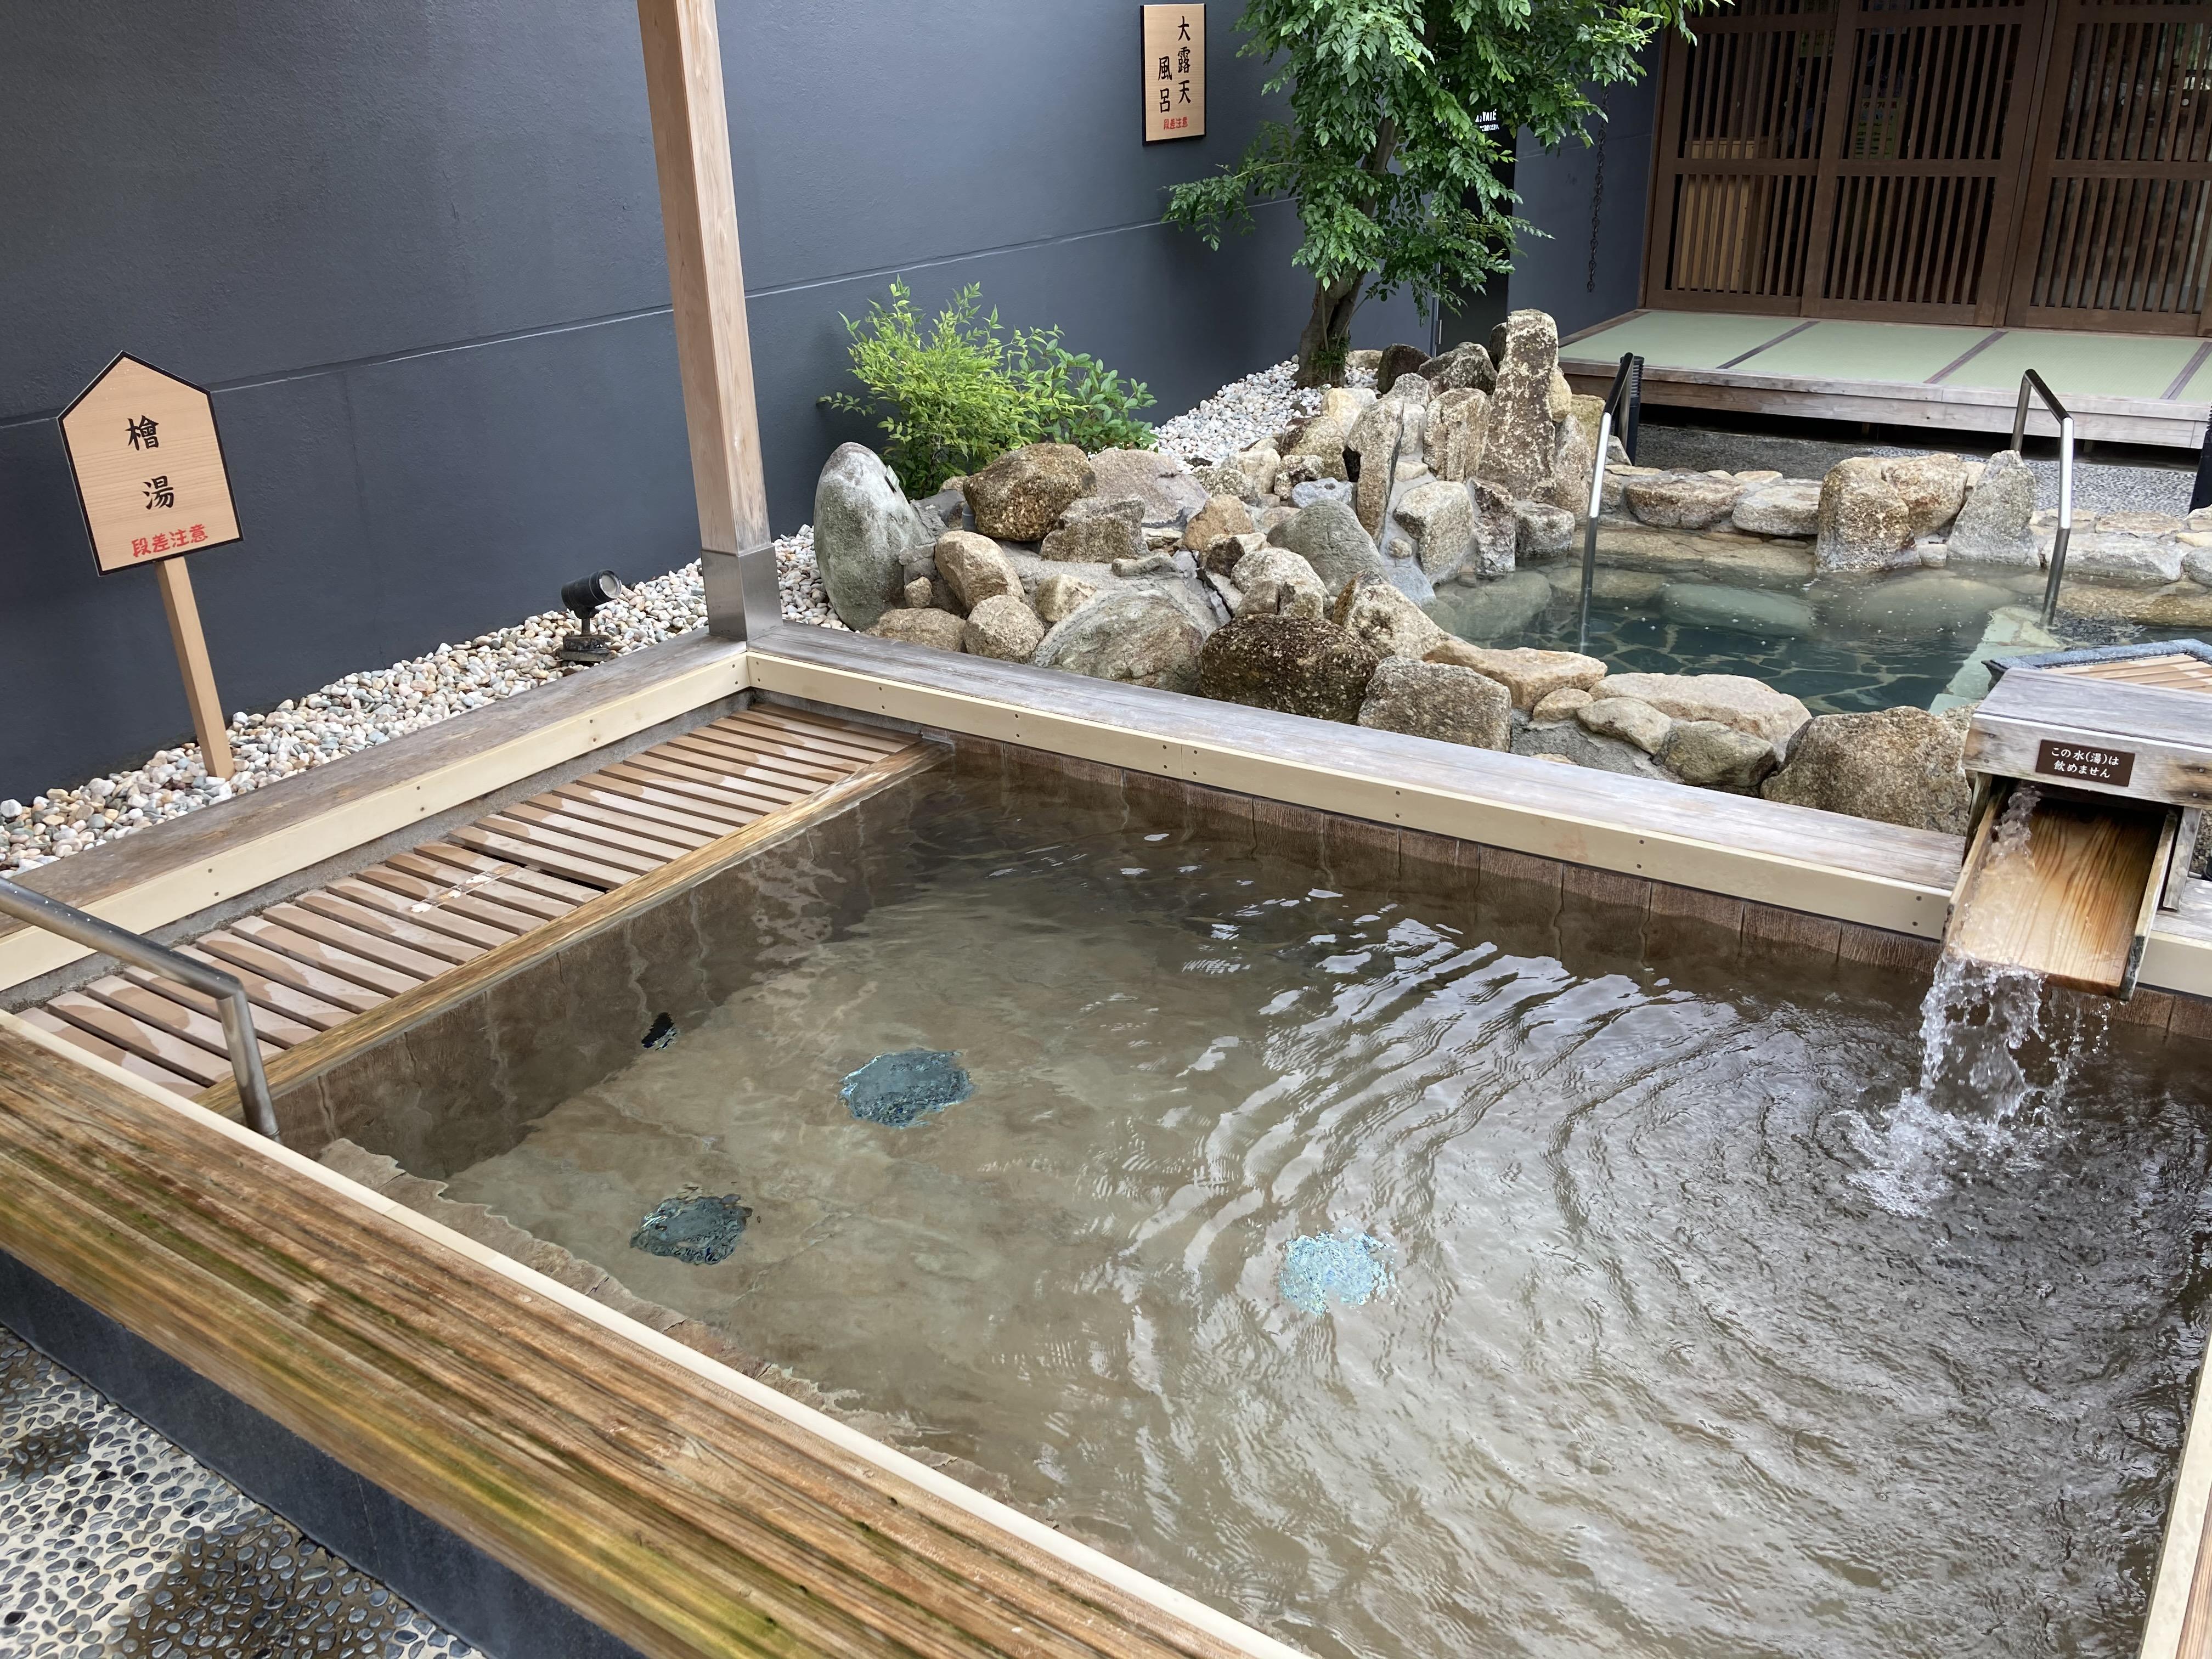 岡崎市の3つのスーパー銭湯がコラボ!近場のお風呂を回って豪華景品が当たるスタンプラリー開催 - e50d8c221557cb54ea95940f12c57aaa